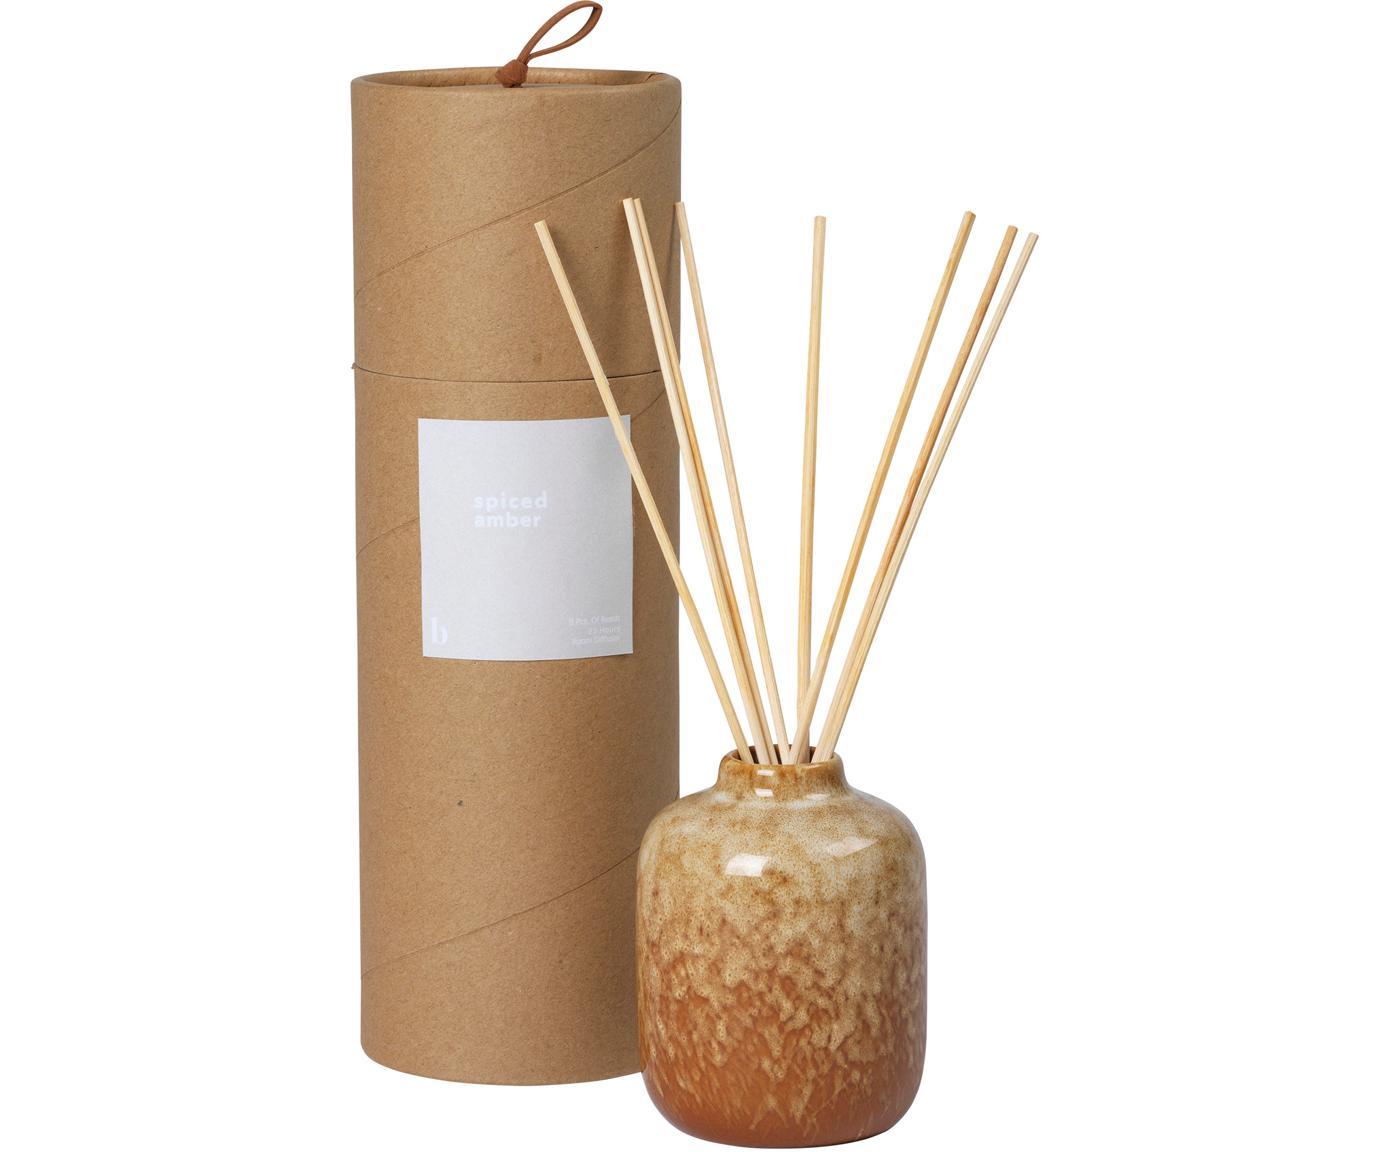 Ambientador Spiced Amber (ámbar), Recipiente: cerámica, Marrón, Ø 7 x Al 9 cm